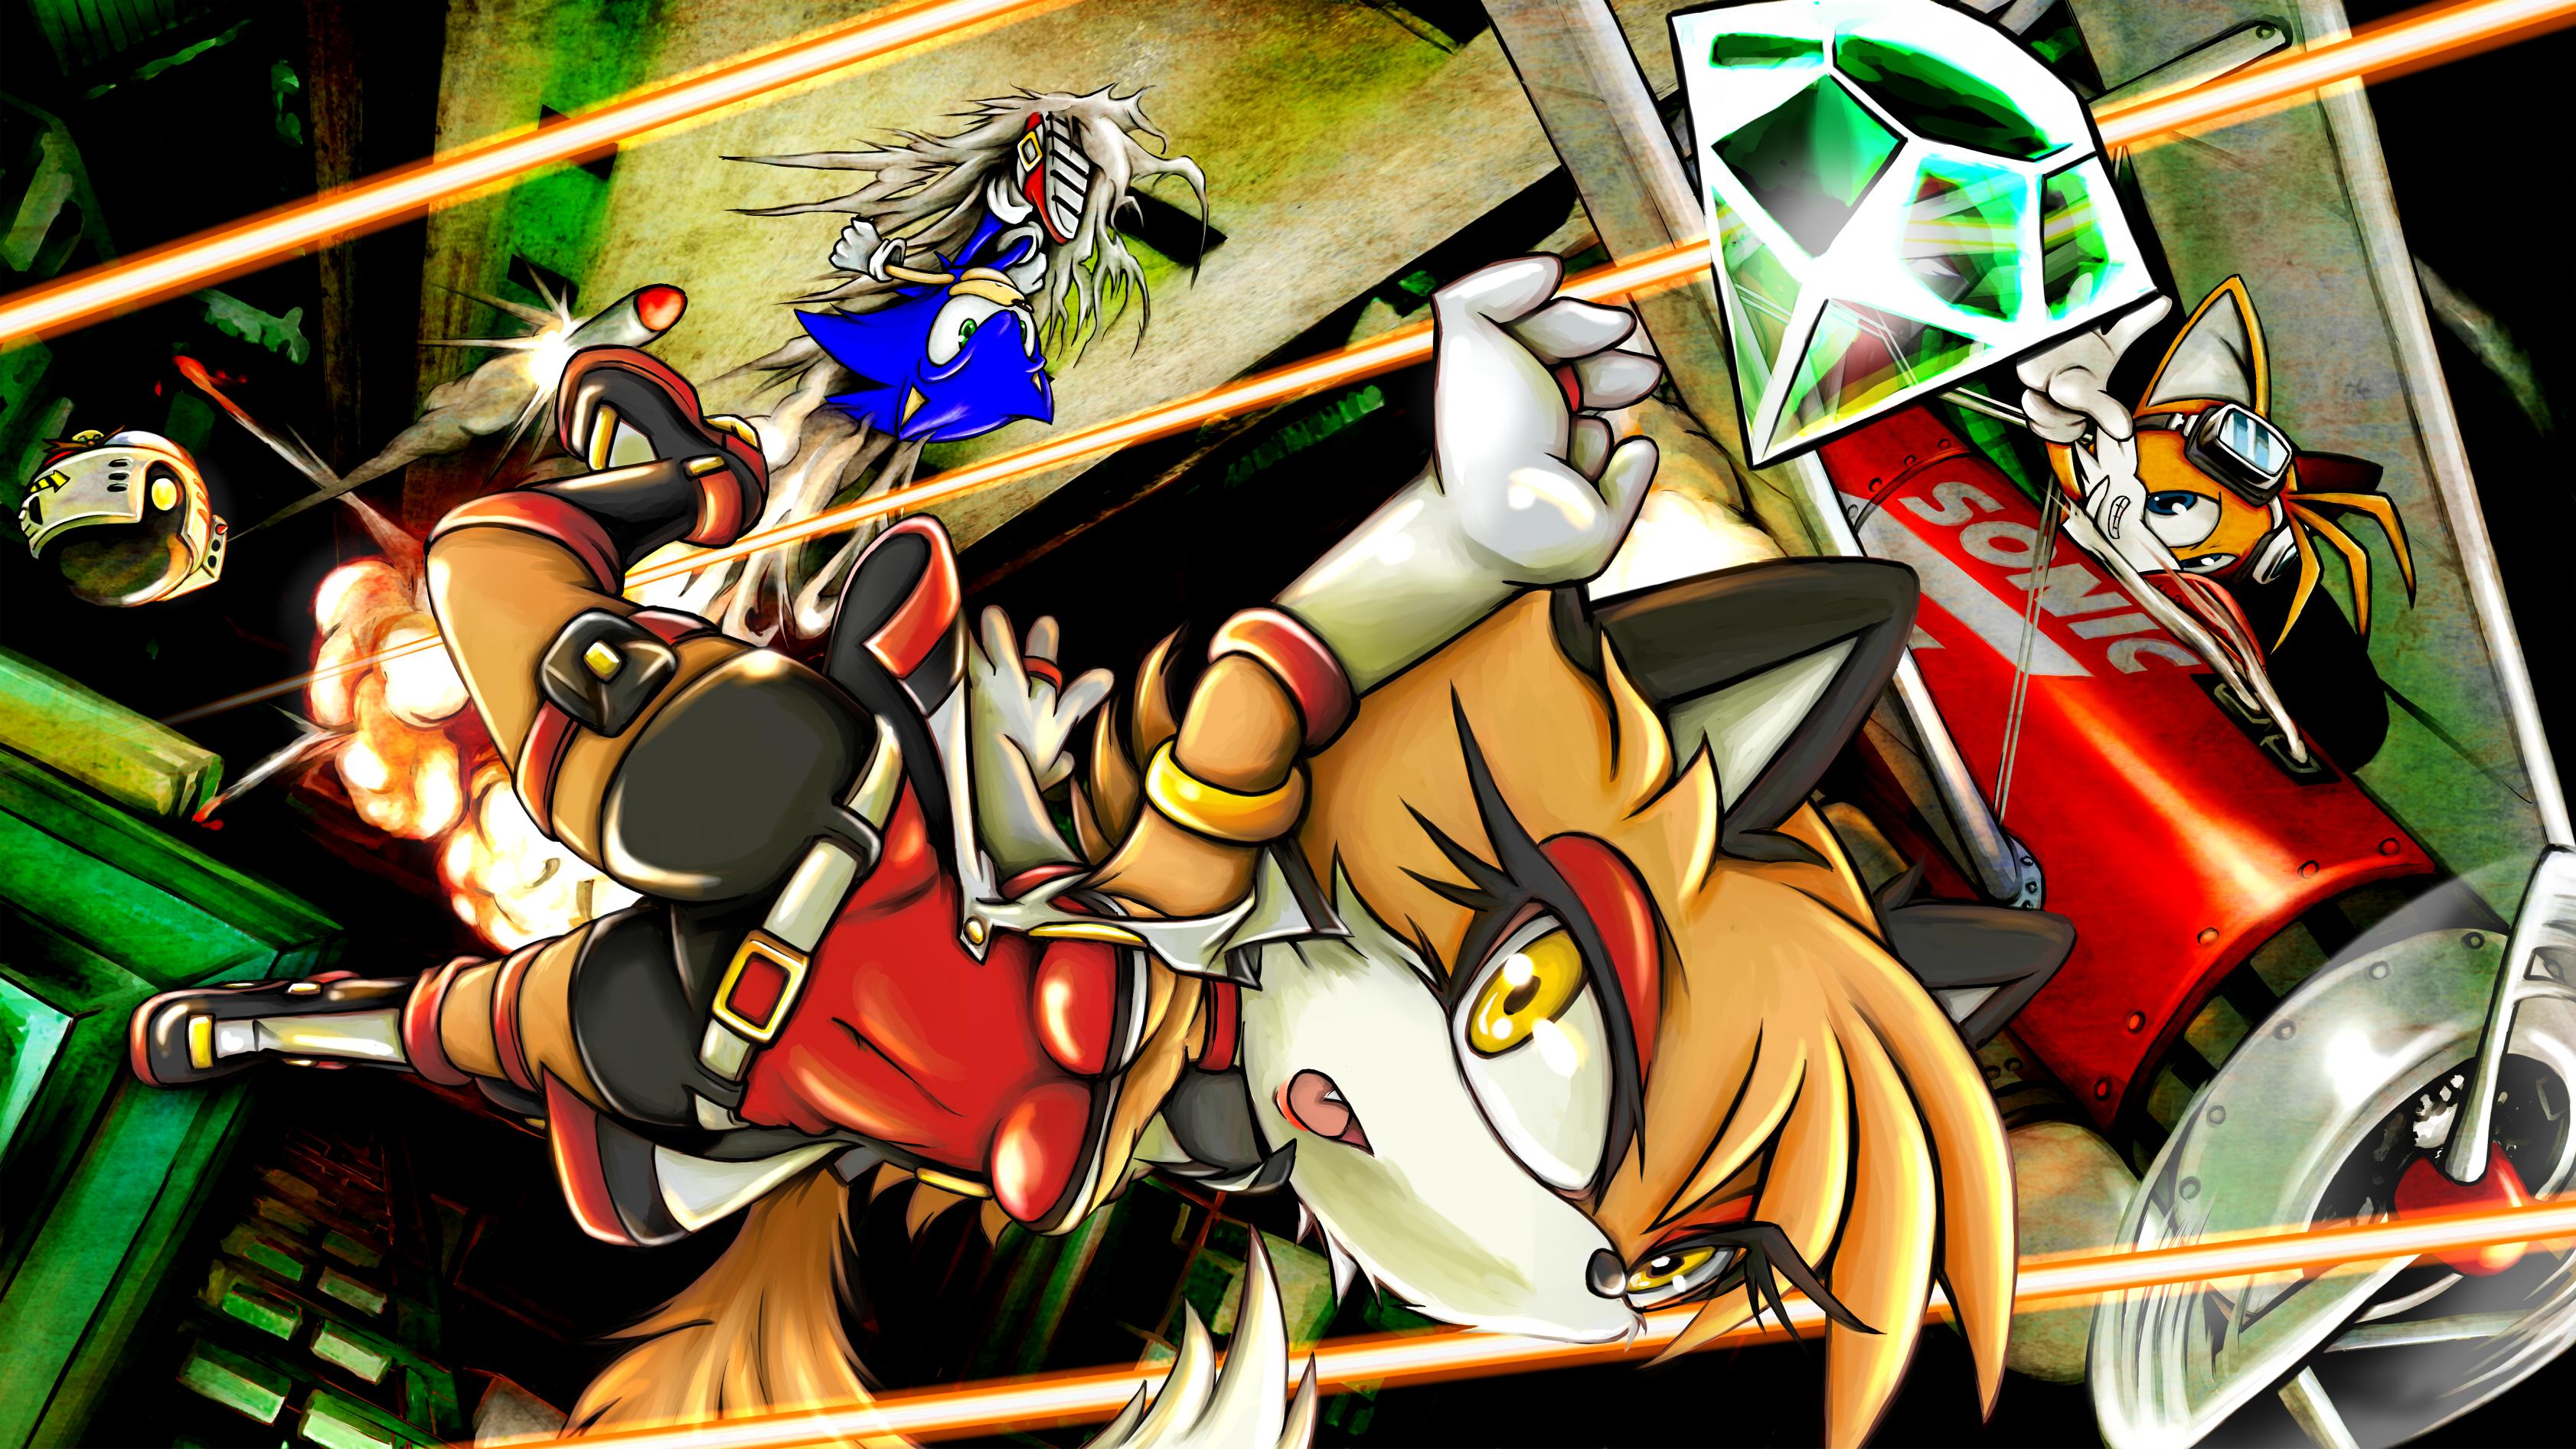 Sonic Oc Moley Fox By Skyshek Fan Art Digital Drawings Movies Tv